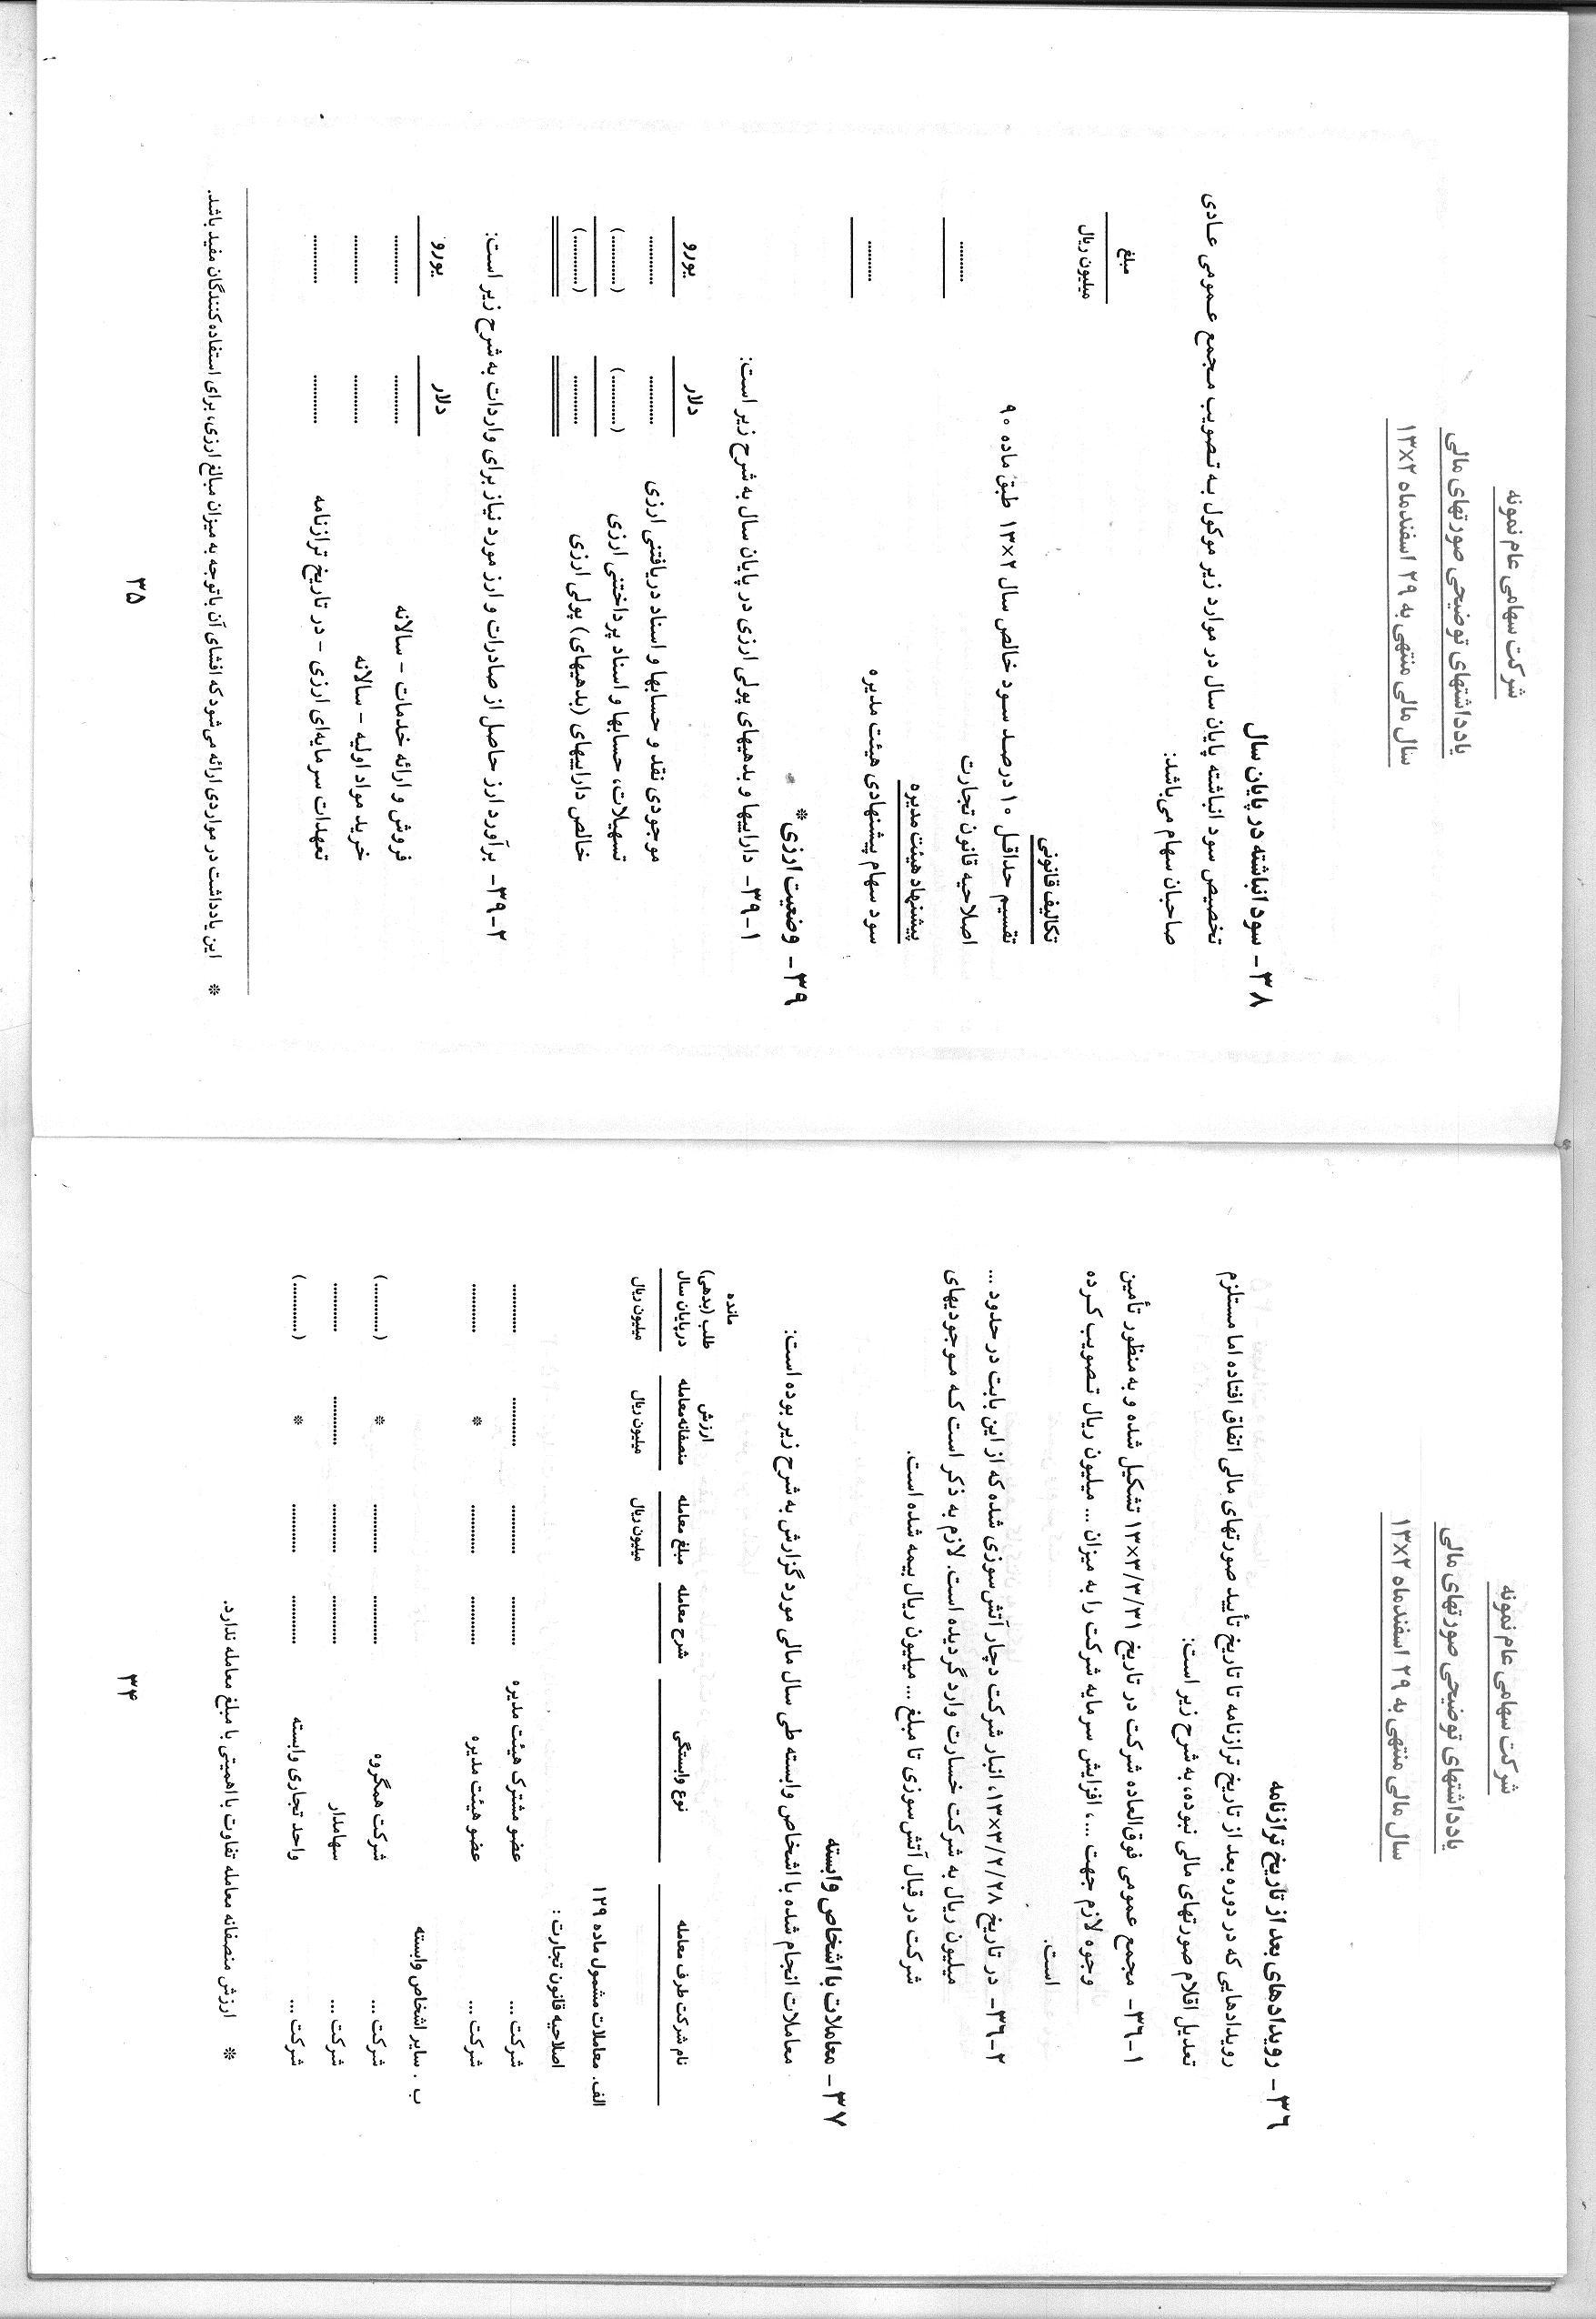 آزمون محتوا سایر حسابها واسناد پرداختنی در حسابرسی